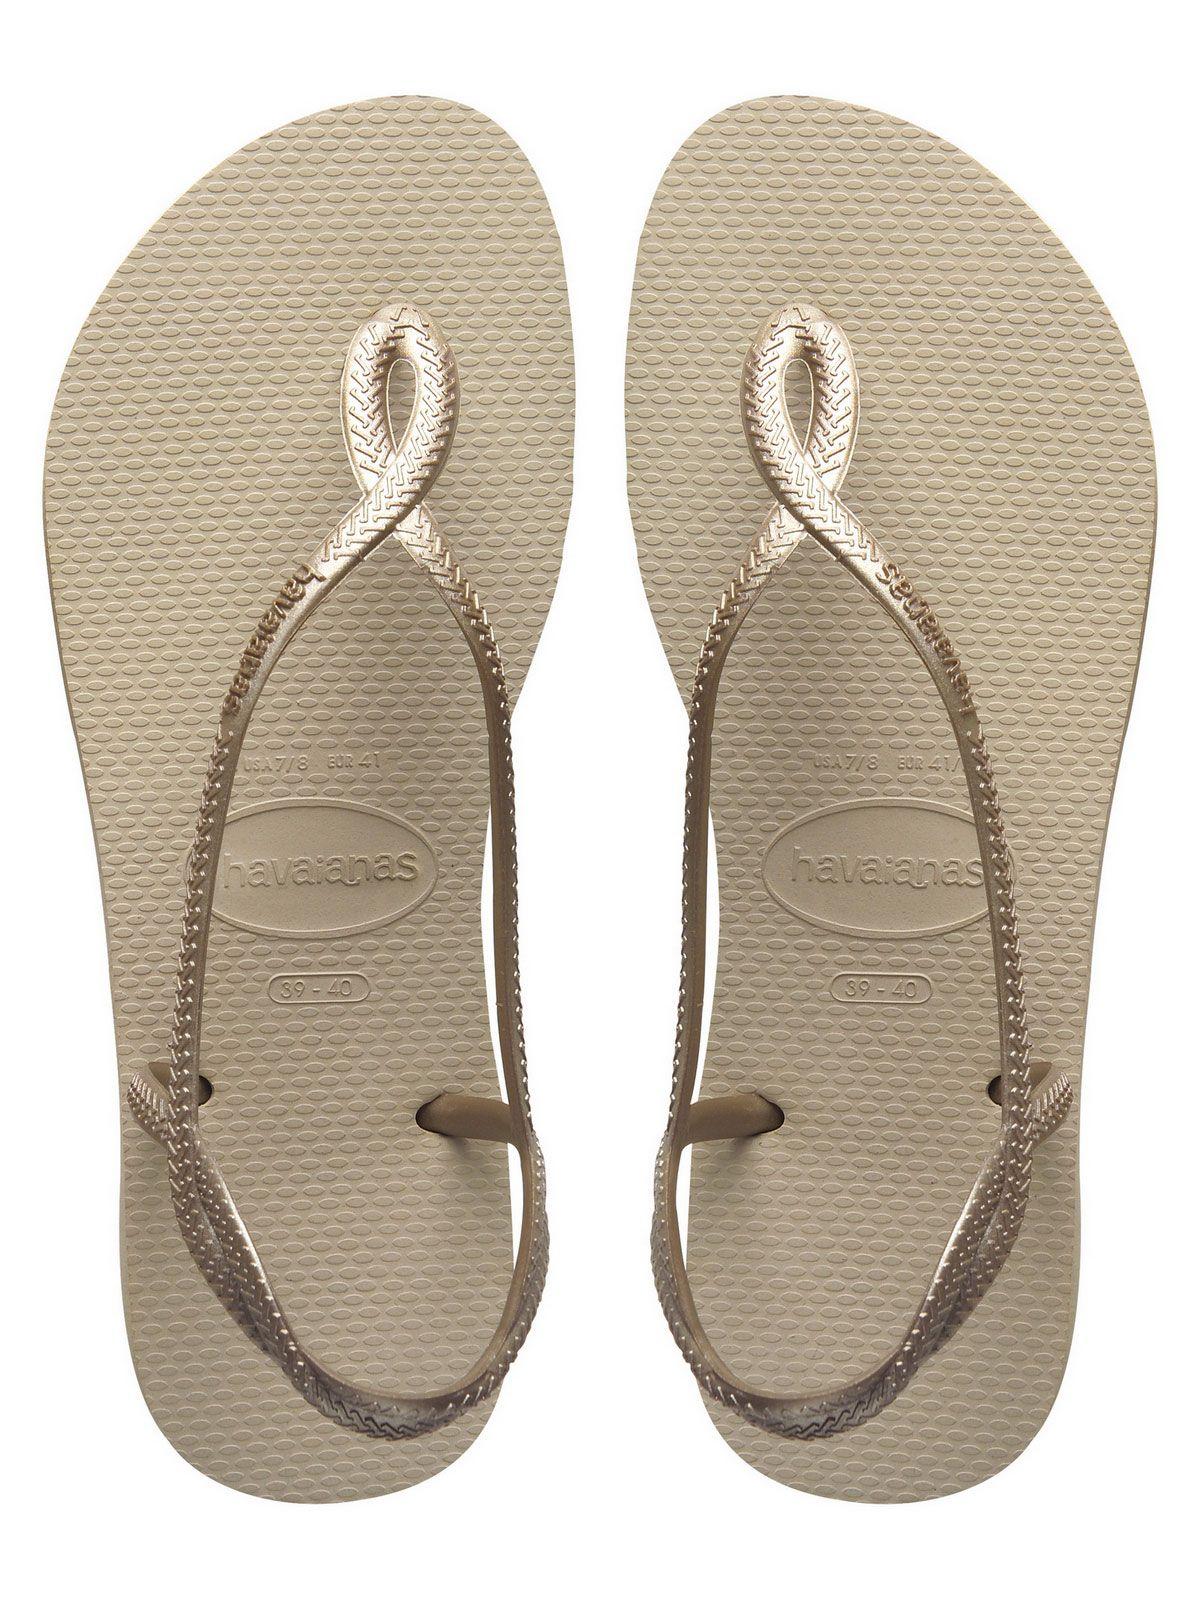 Women's sandals that hide bunions - Flip Flops Luna Sand Grey